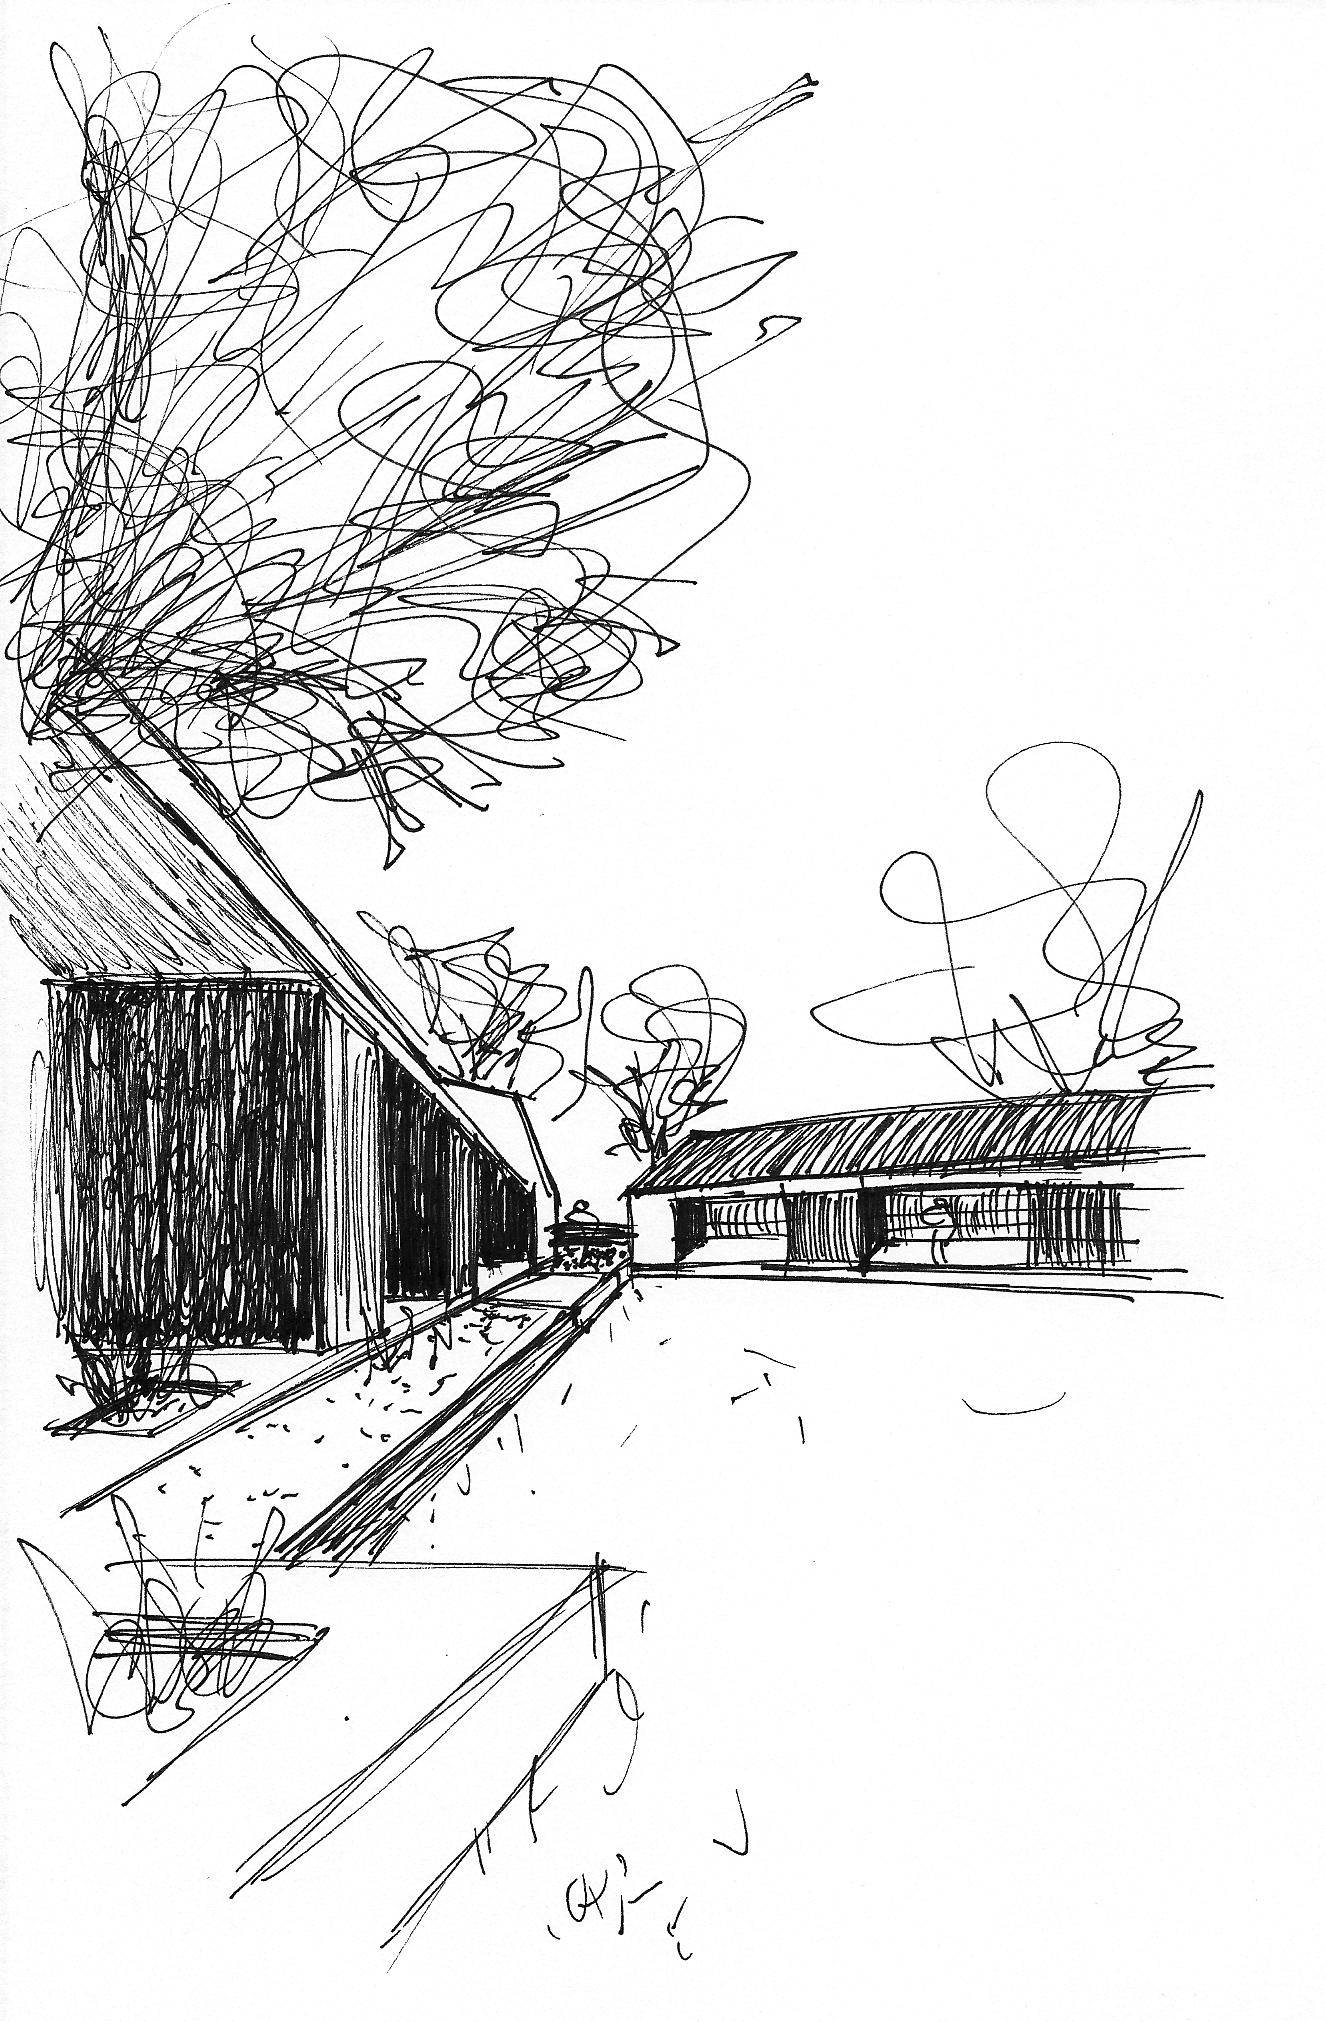 biltmore ranch_sketch-2.jpg